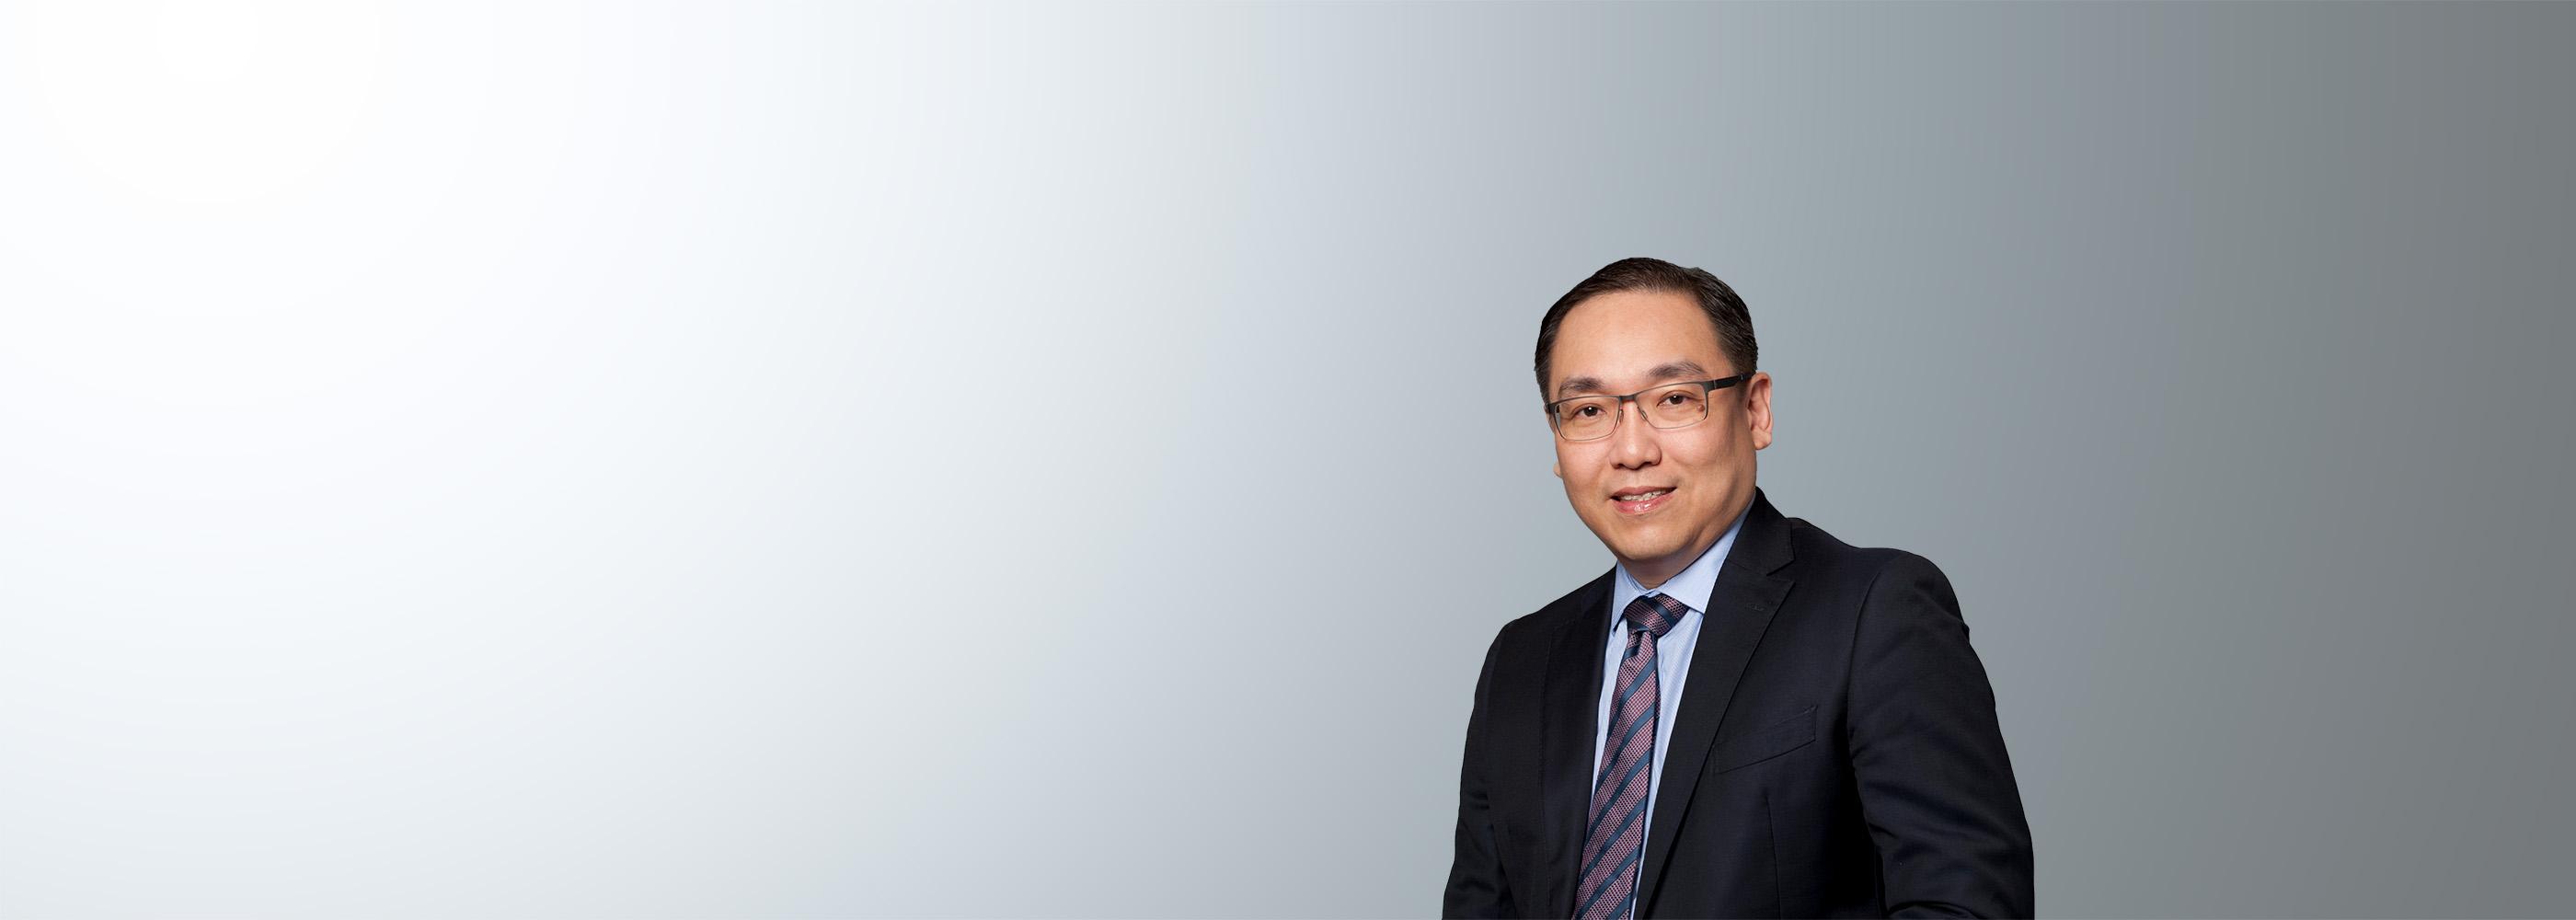 LAM Chung Nian